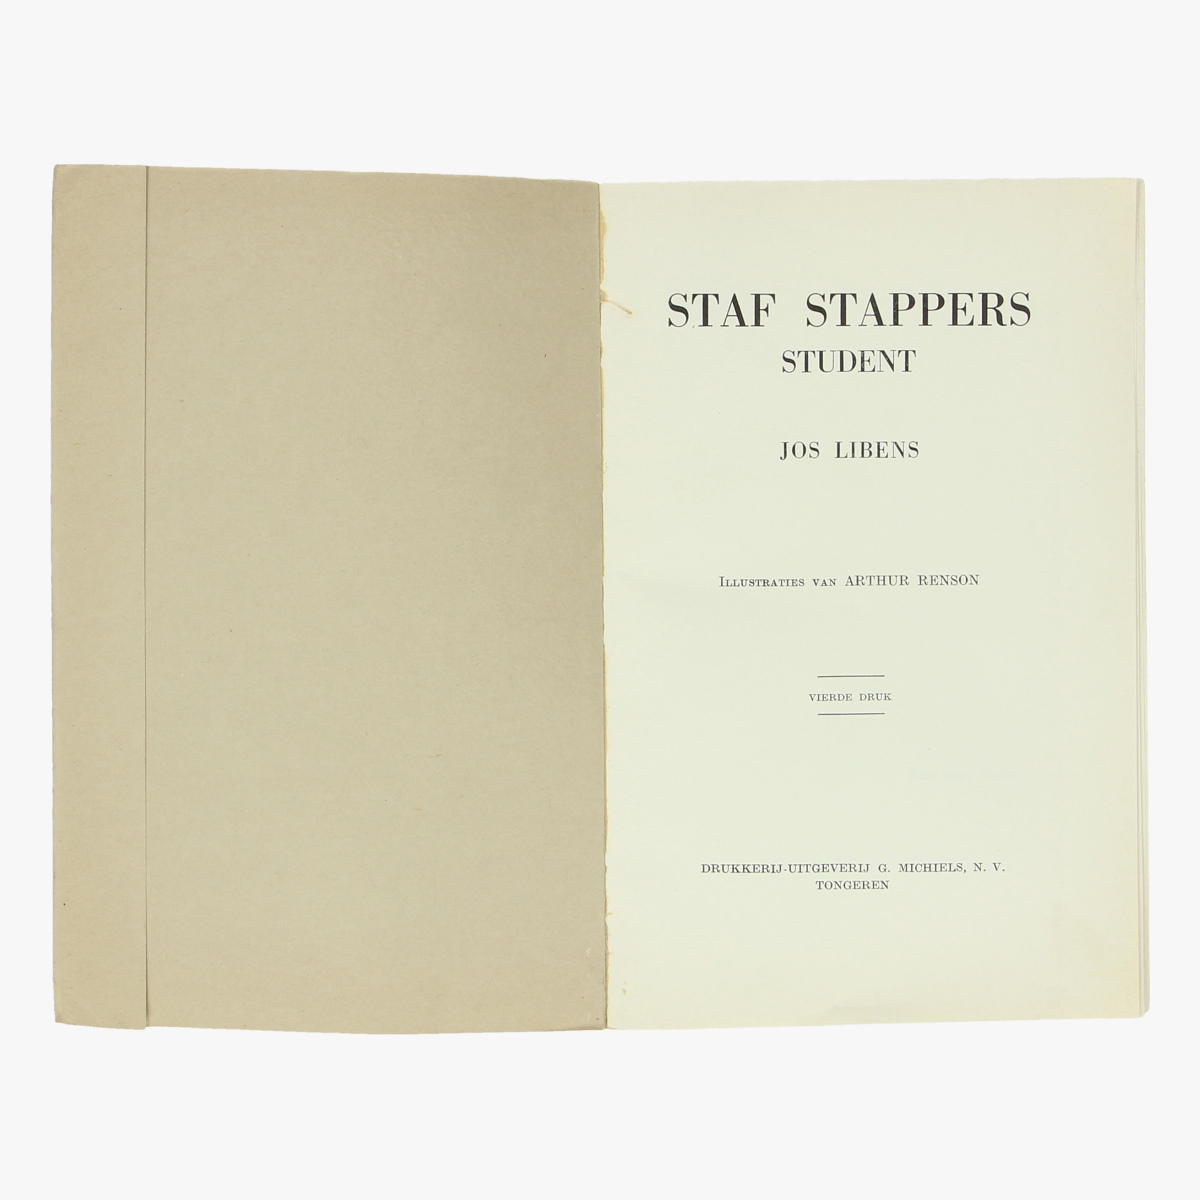 Afbeeldingen van boek staf stappers student door Jos Libens